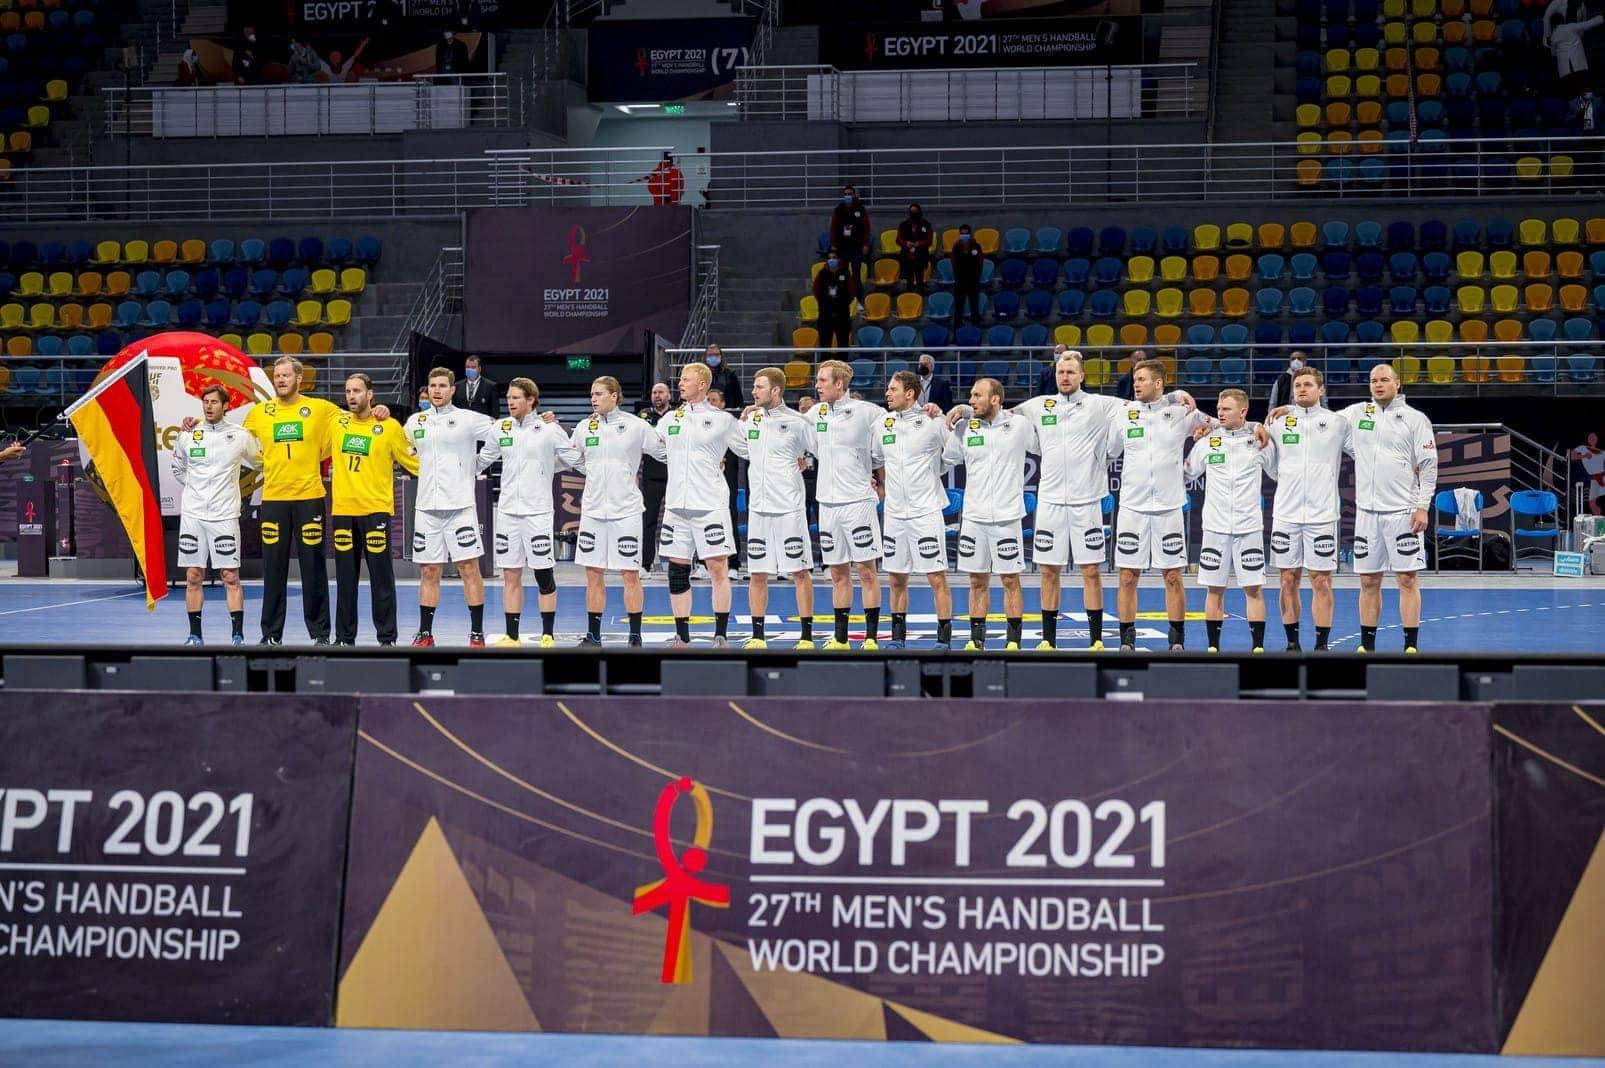 übertragung Fußball Wm 2021